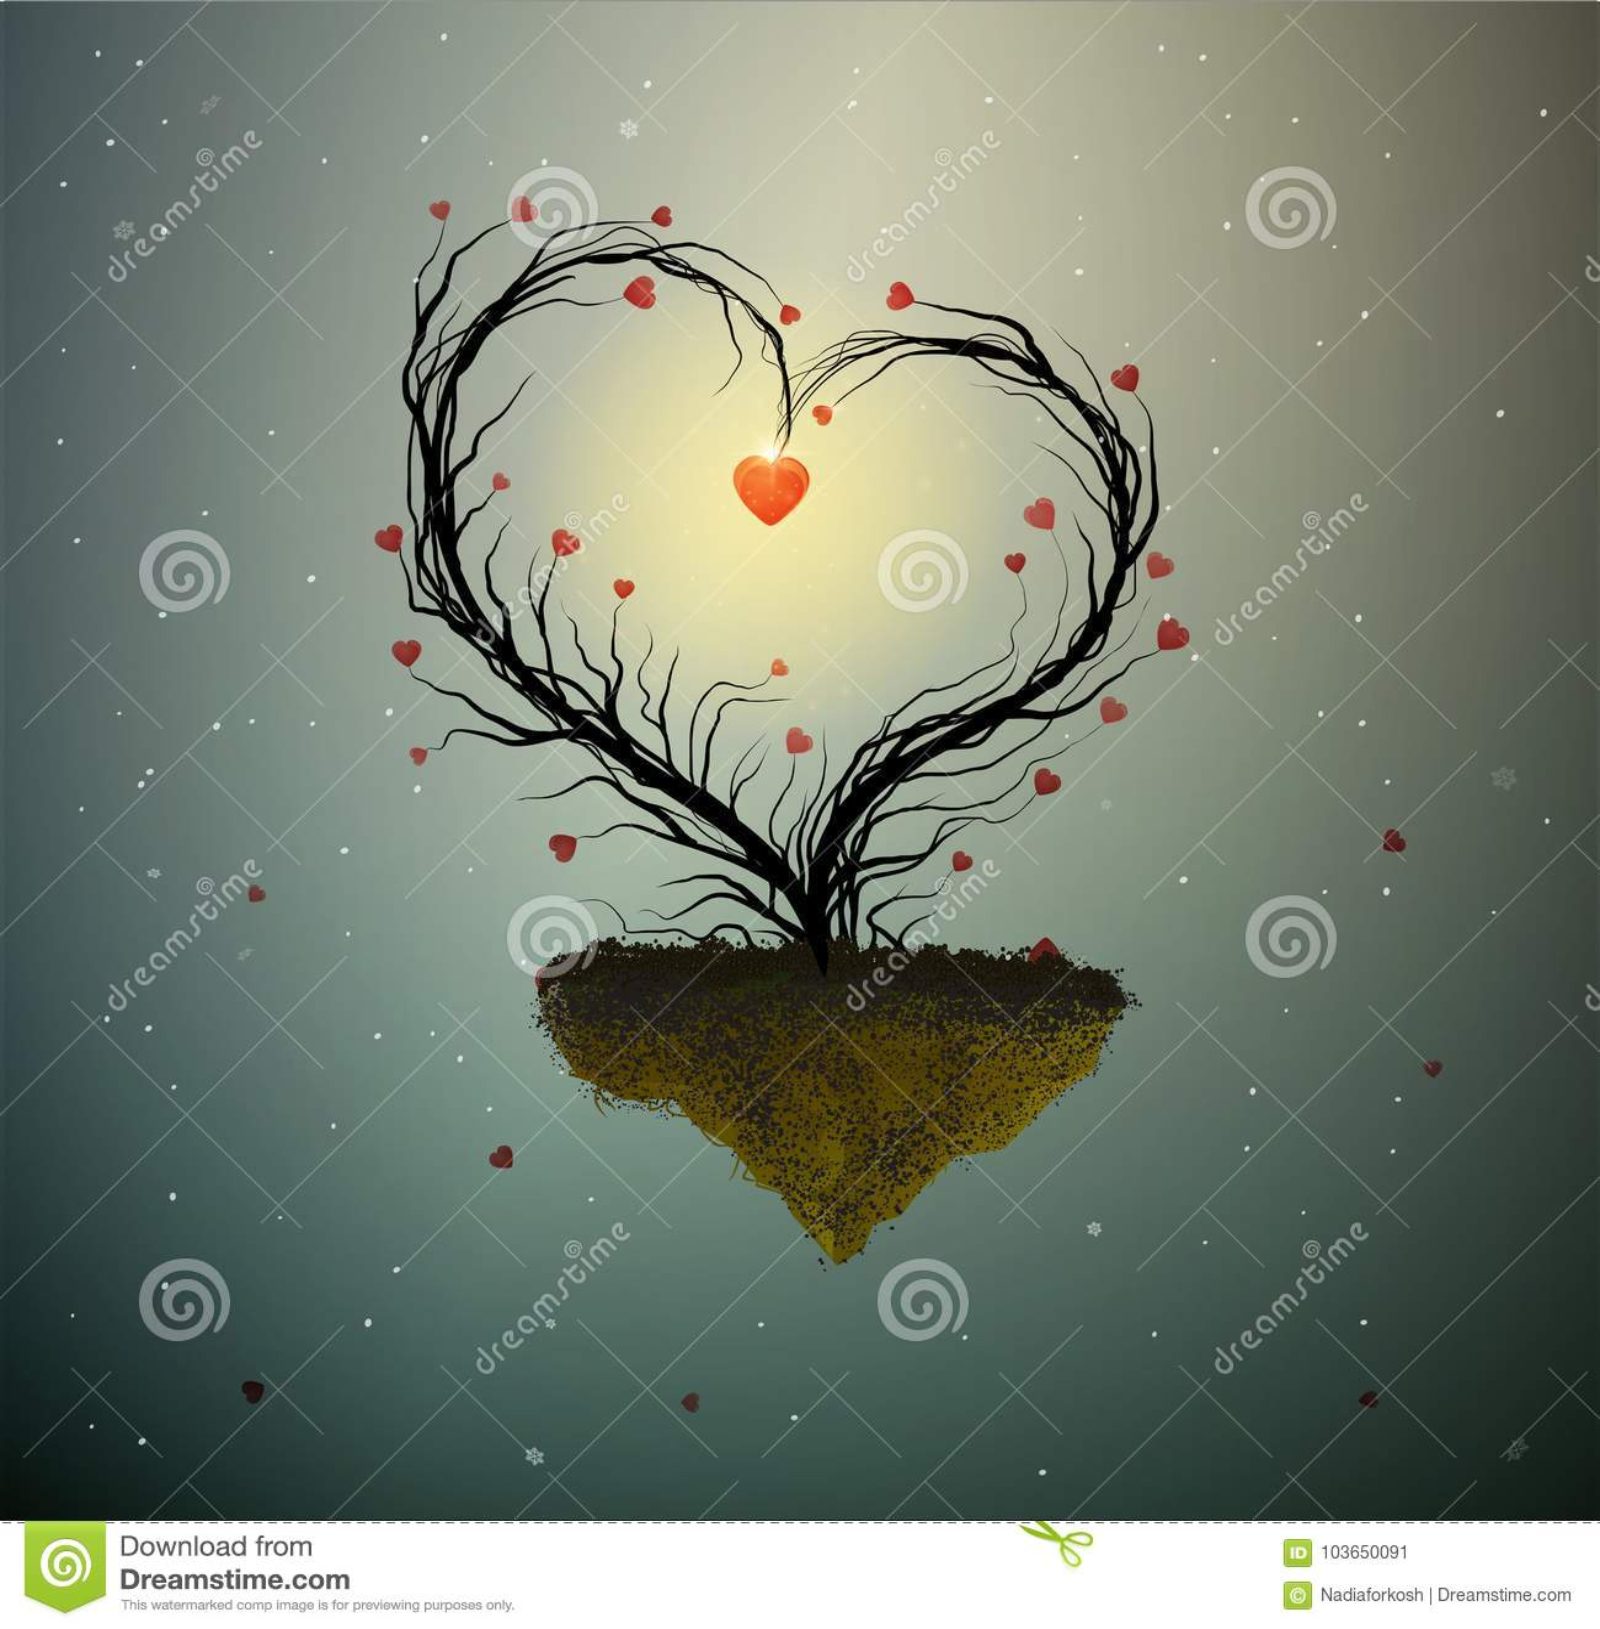 Familienhausidee, magischer Baum der Frühlingsliebe, Baum mit Herzen mit Nest und zwei weiße Vögel nach innen, süßes Haus, zusamm